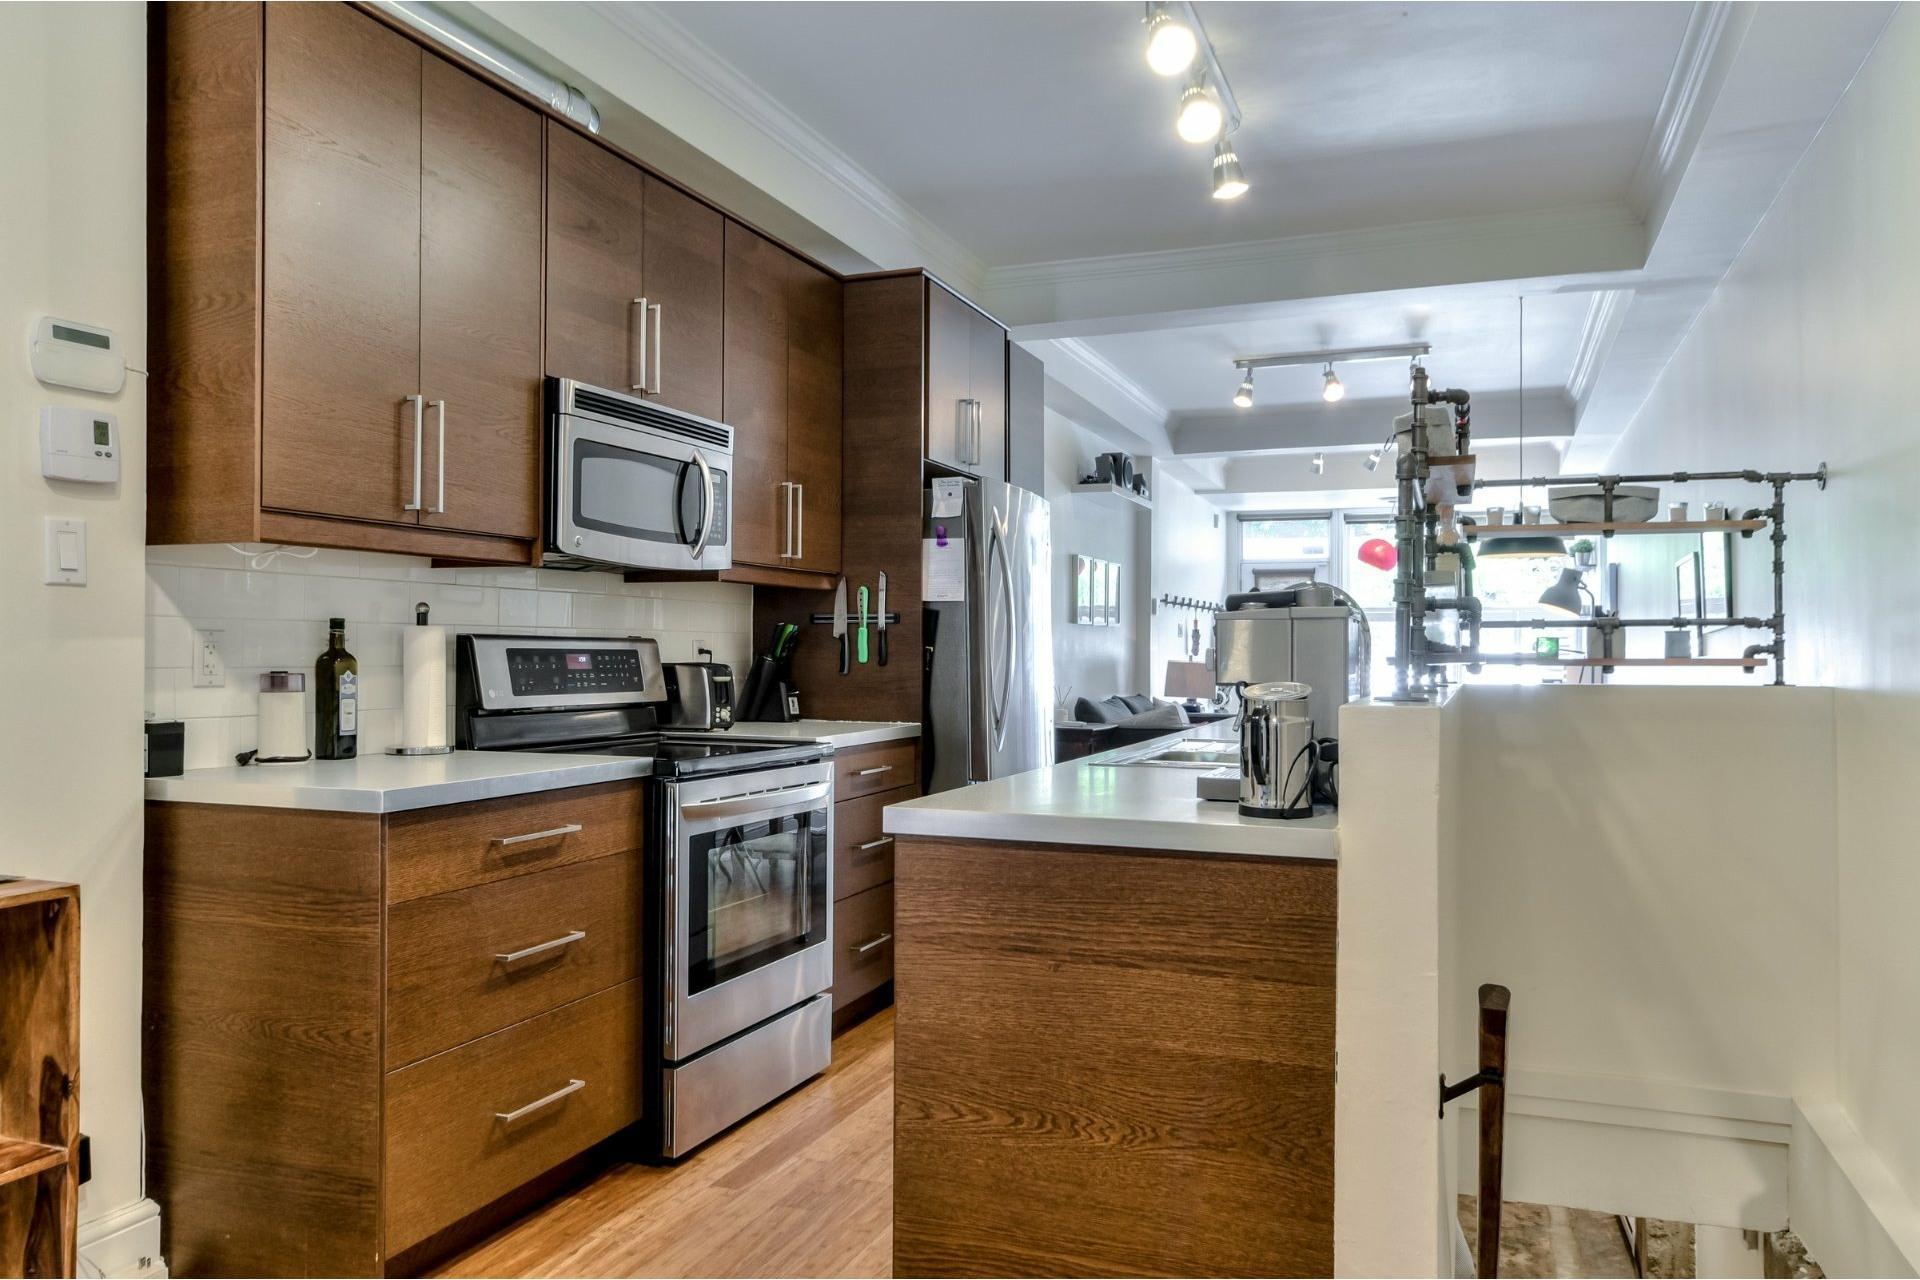 image 15 - Apartment For sale Le Plateau-Mont-Royal Montréal  - 5 rooms